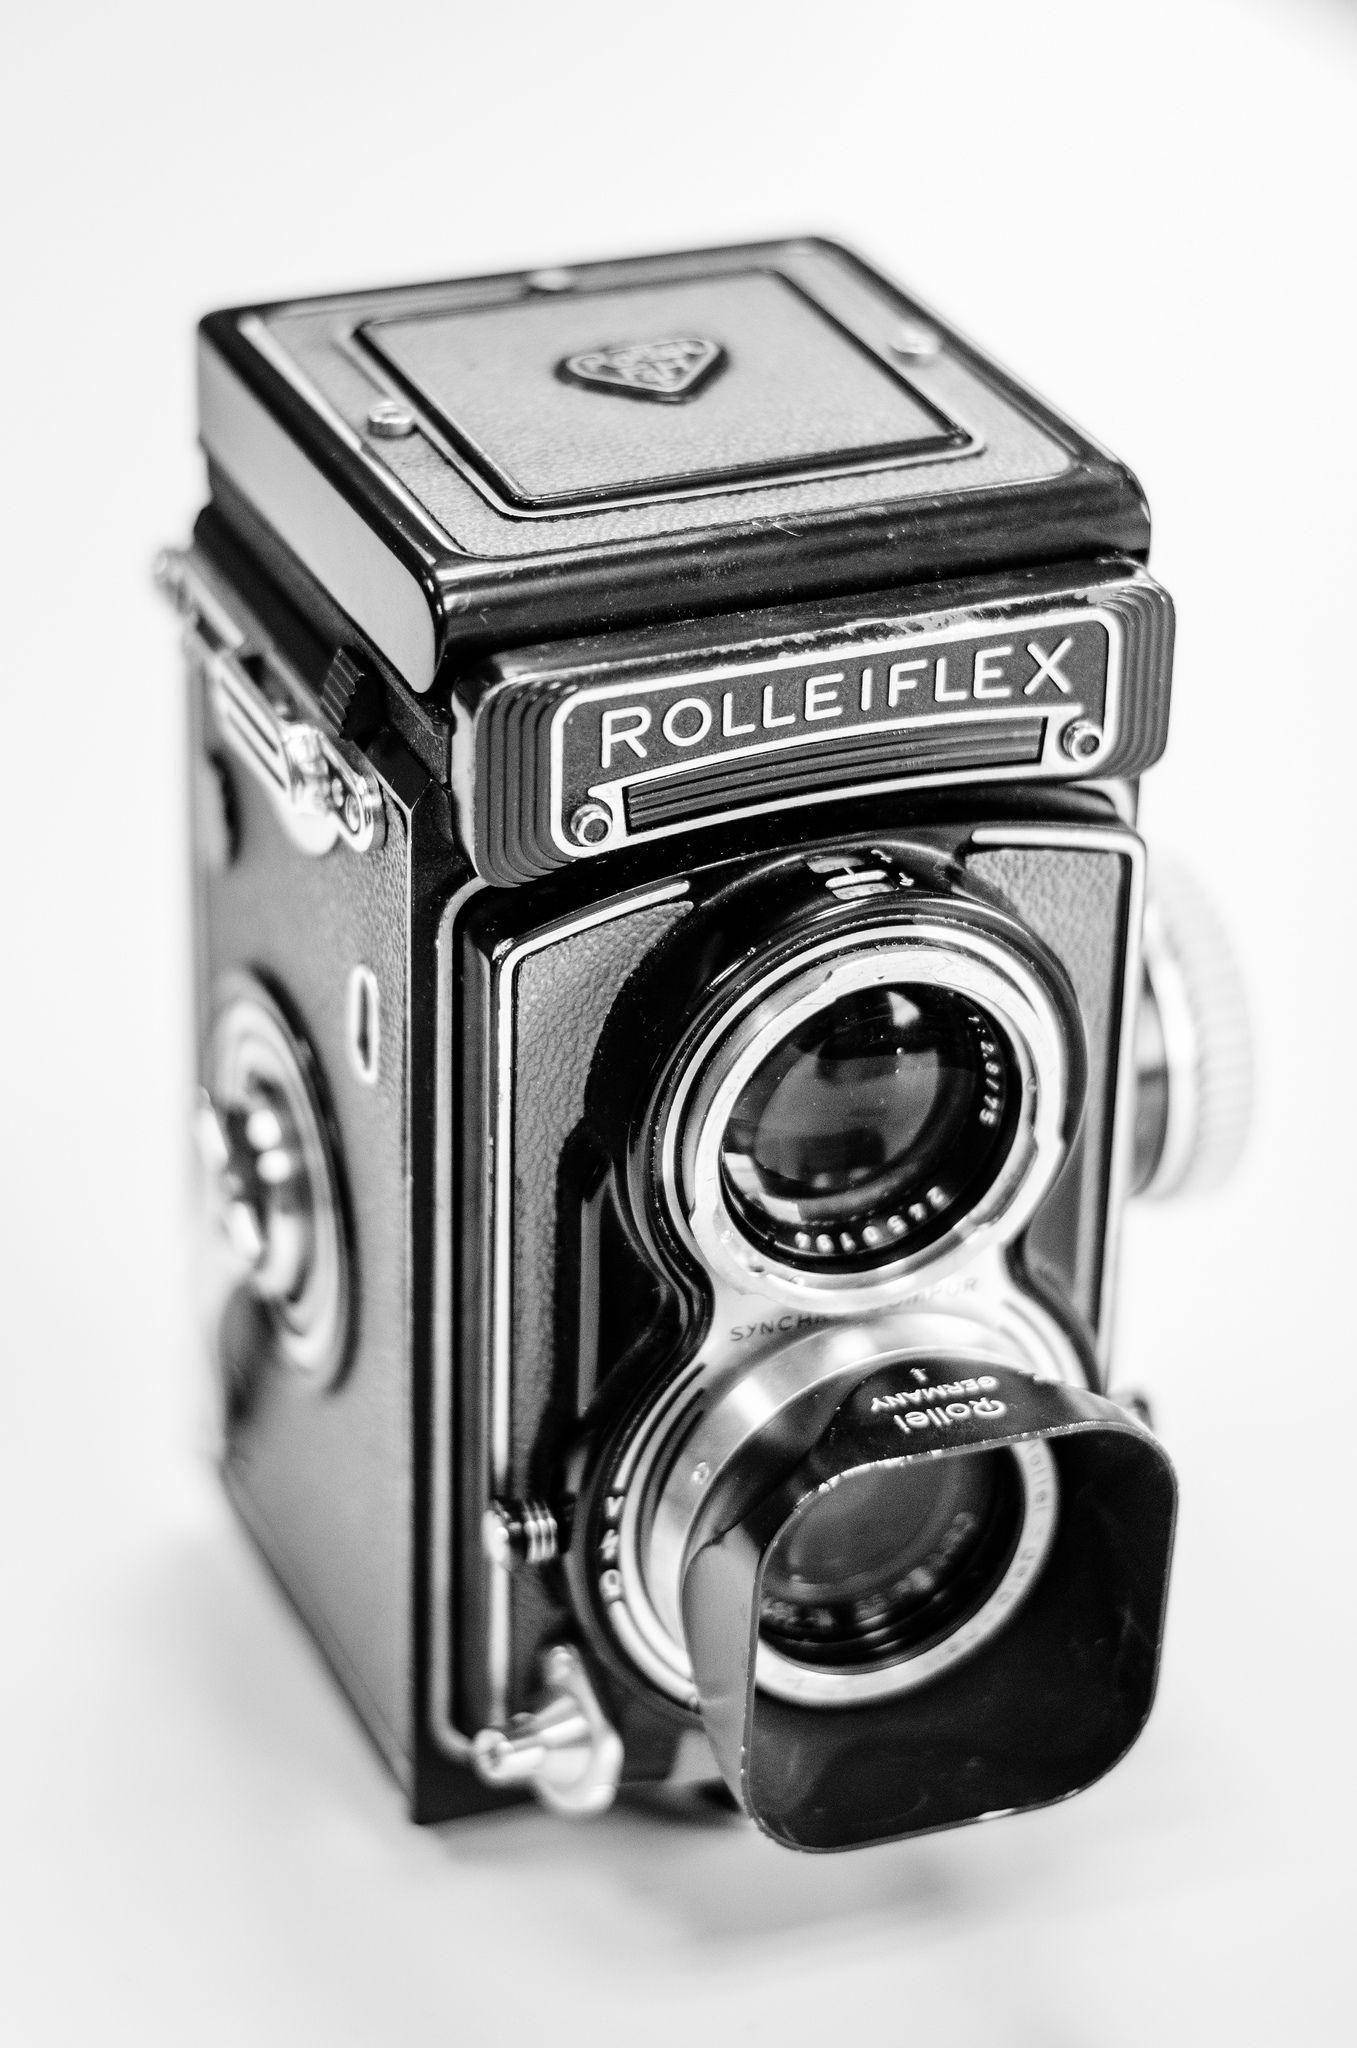 Todo sobre las cámaras analógicas, ventajas, desventajas, precios, modelos, formatos, dónde comprarlas, en qué basar la decisión de compra, tipos de carrete...